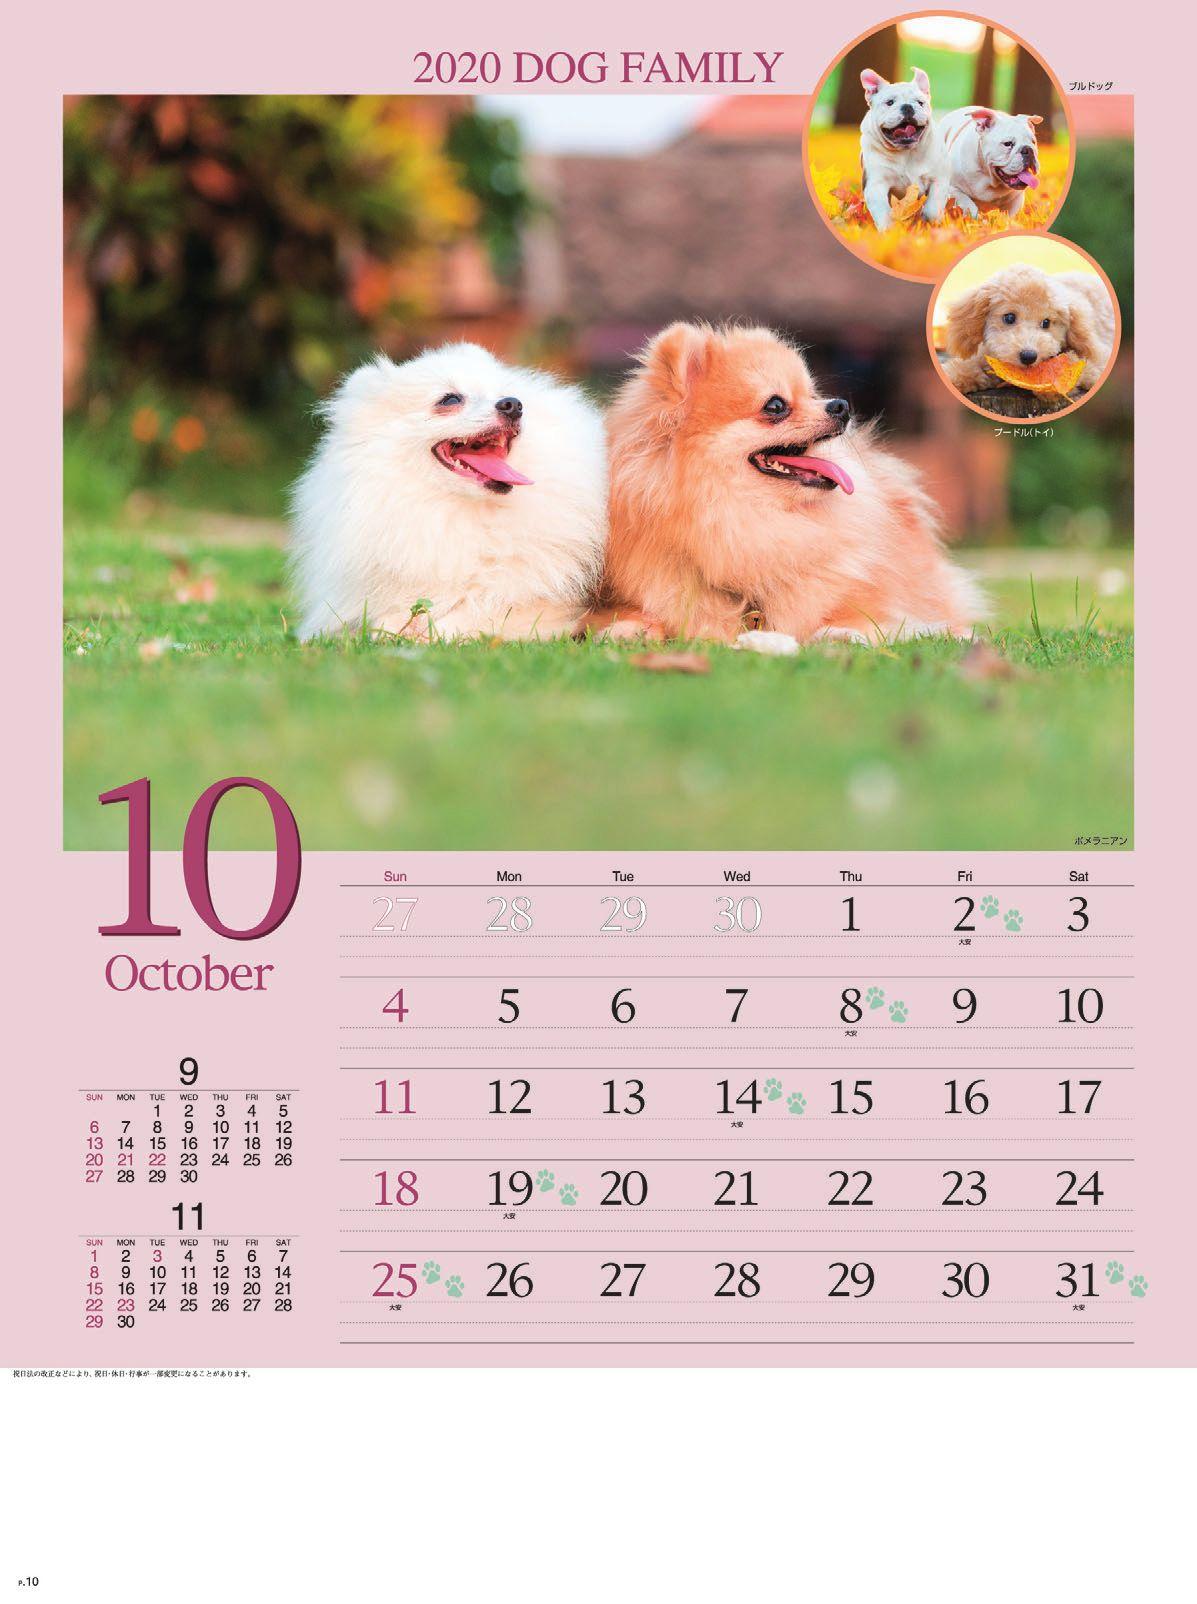 画像:ポメラニアン ドッグファミリー 2020年カレンダー